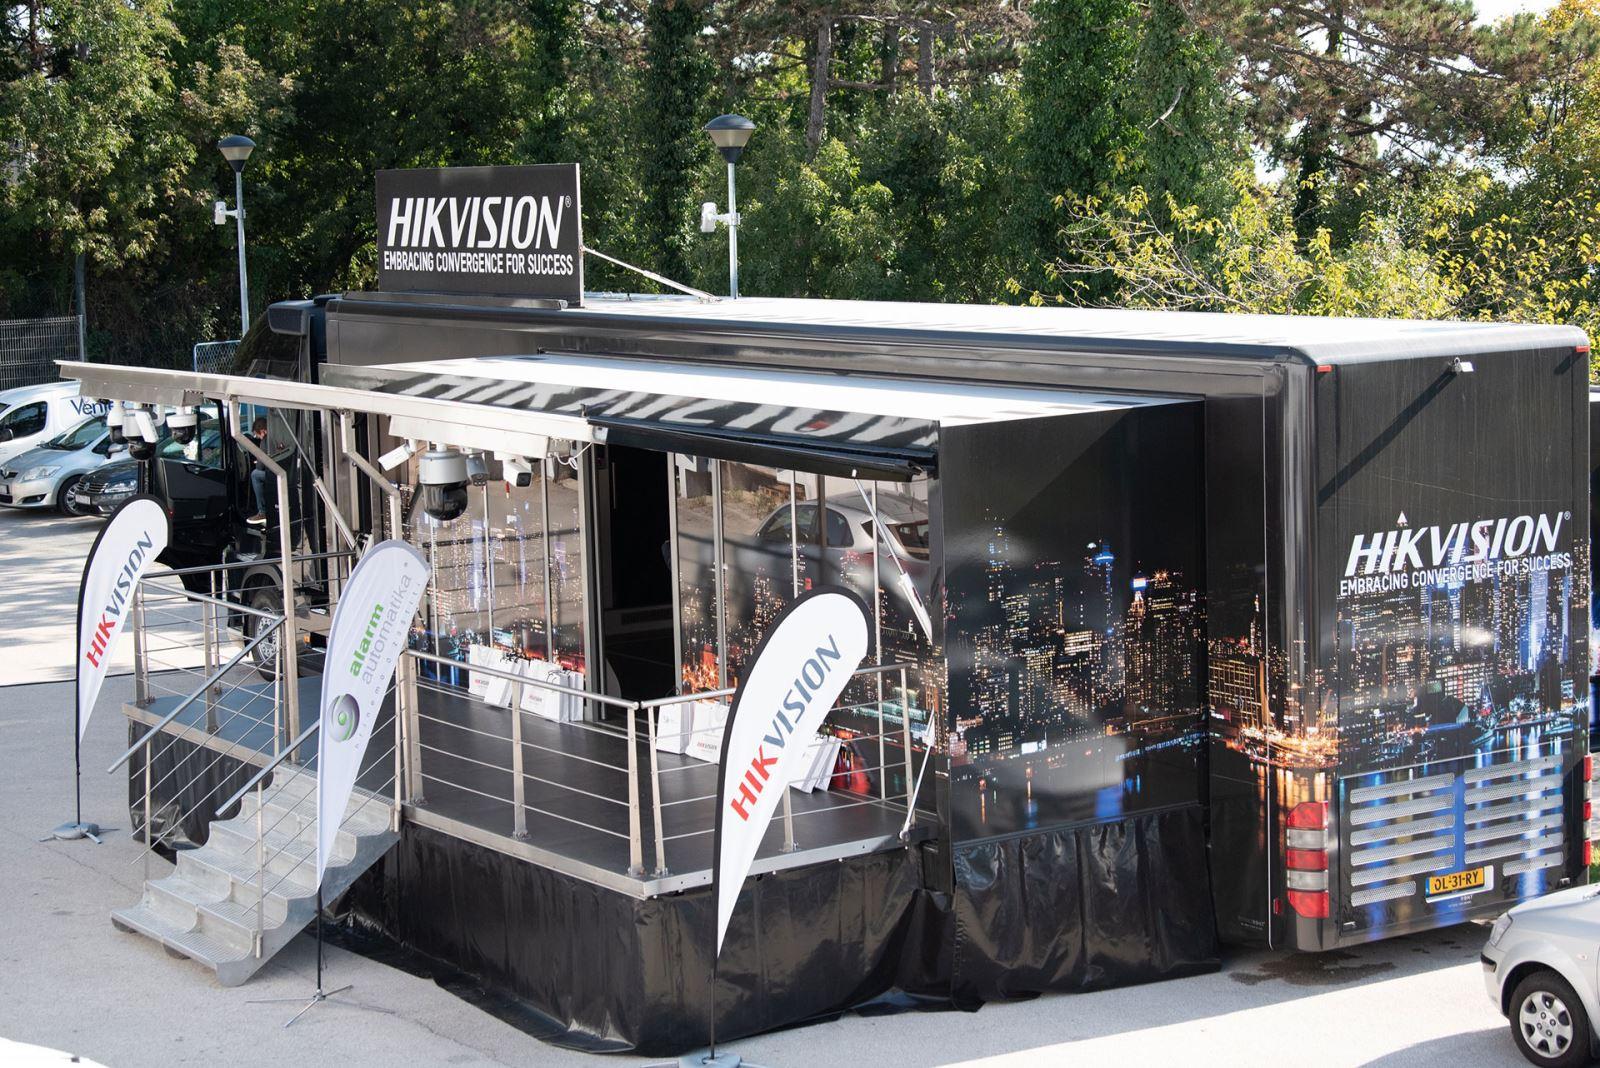 Hikvision roadshow